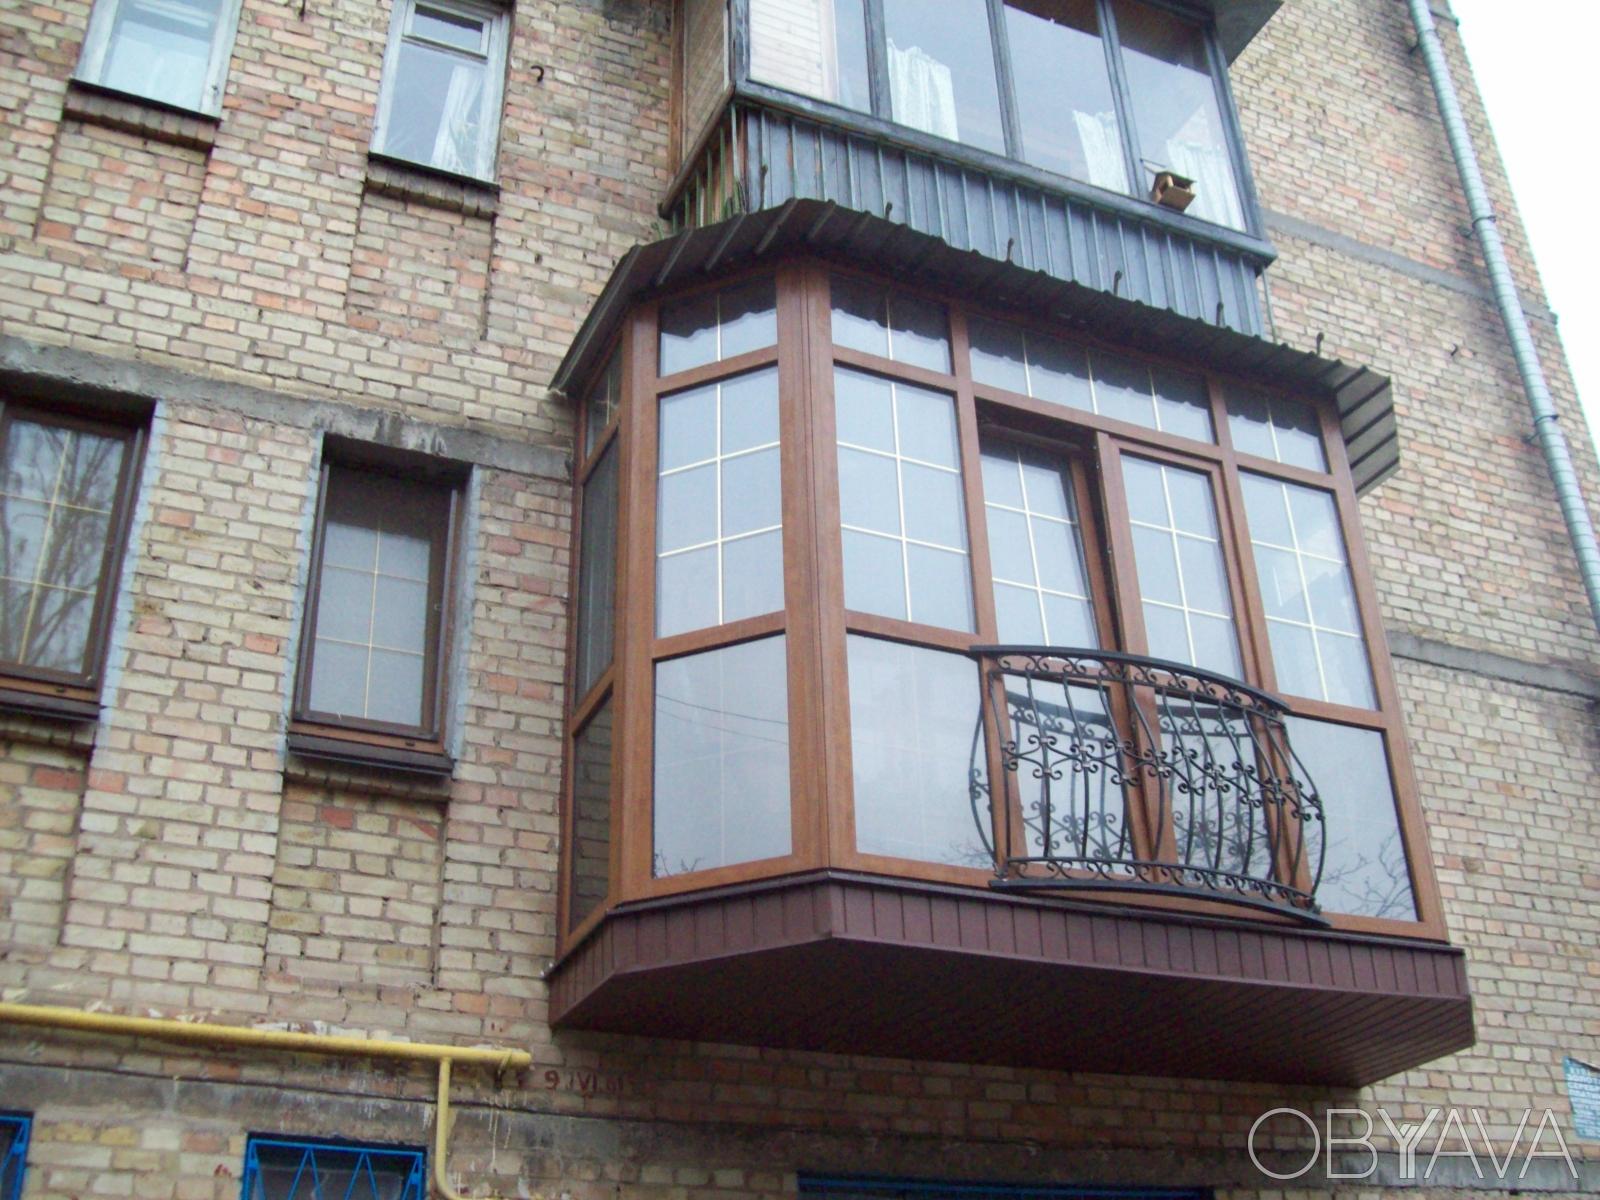 Ремонт балконов - окна, двери, балконы в киеве на bazar.ua.